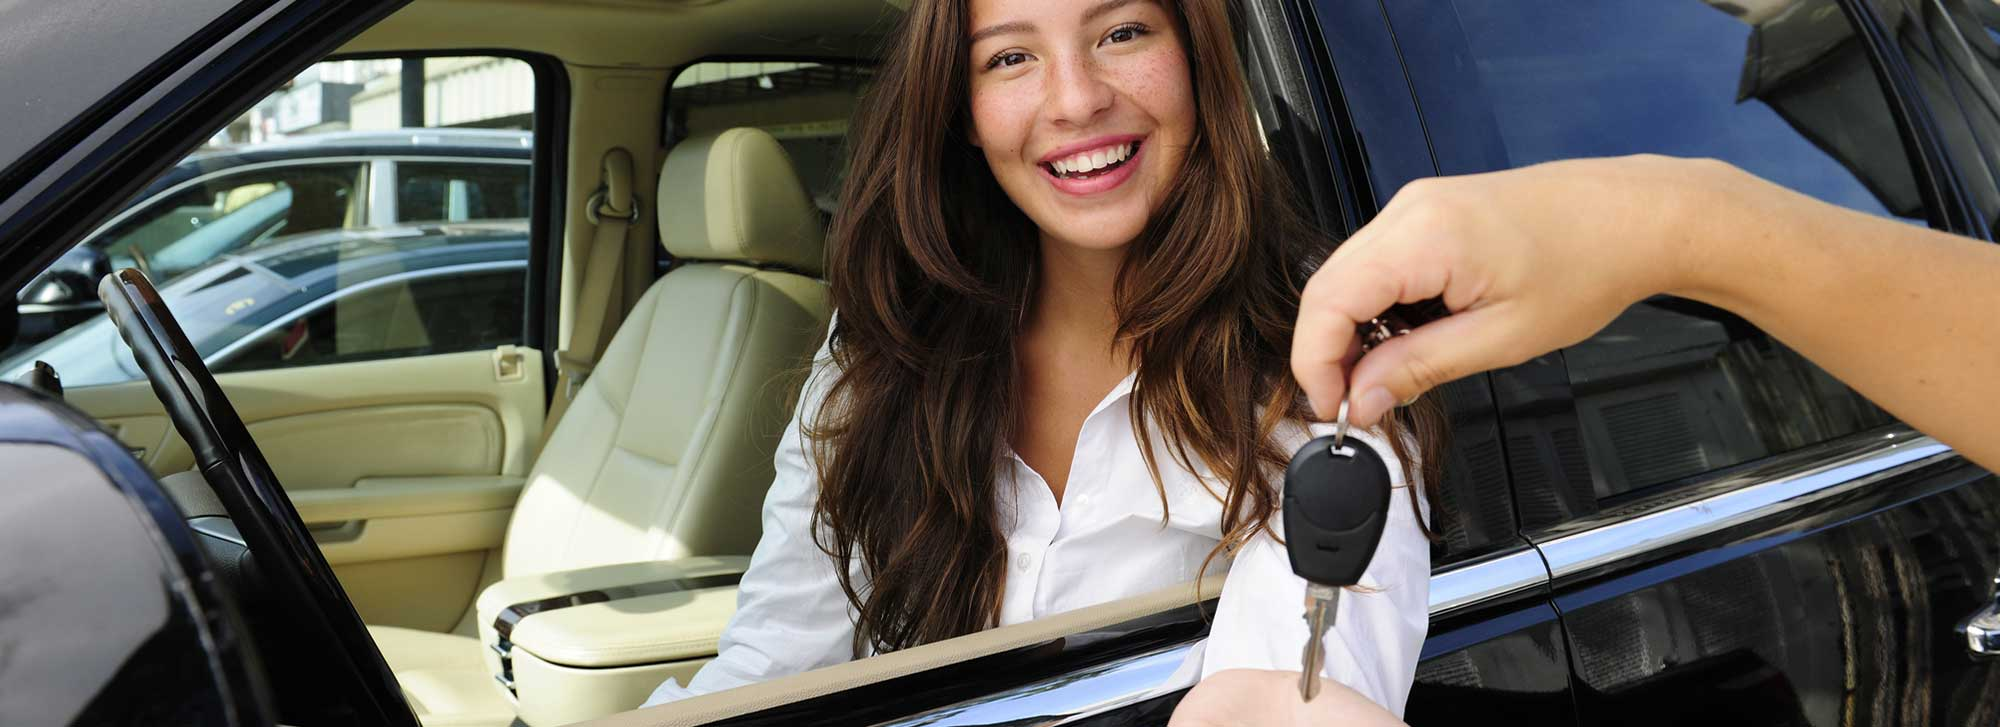 Automotive Car Dealers